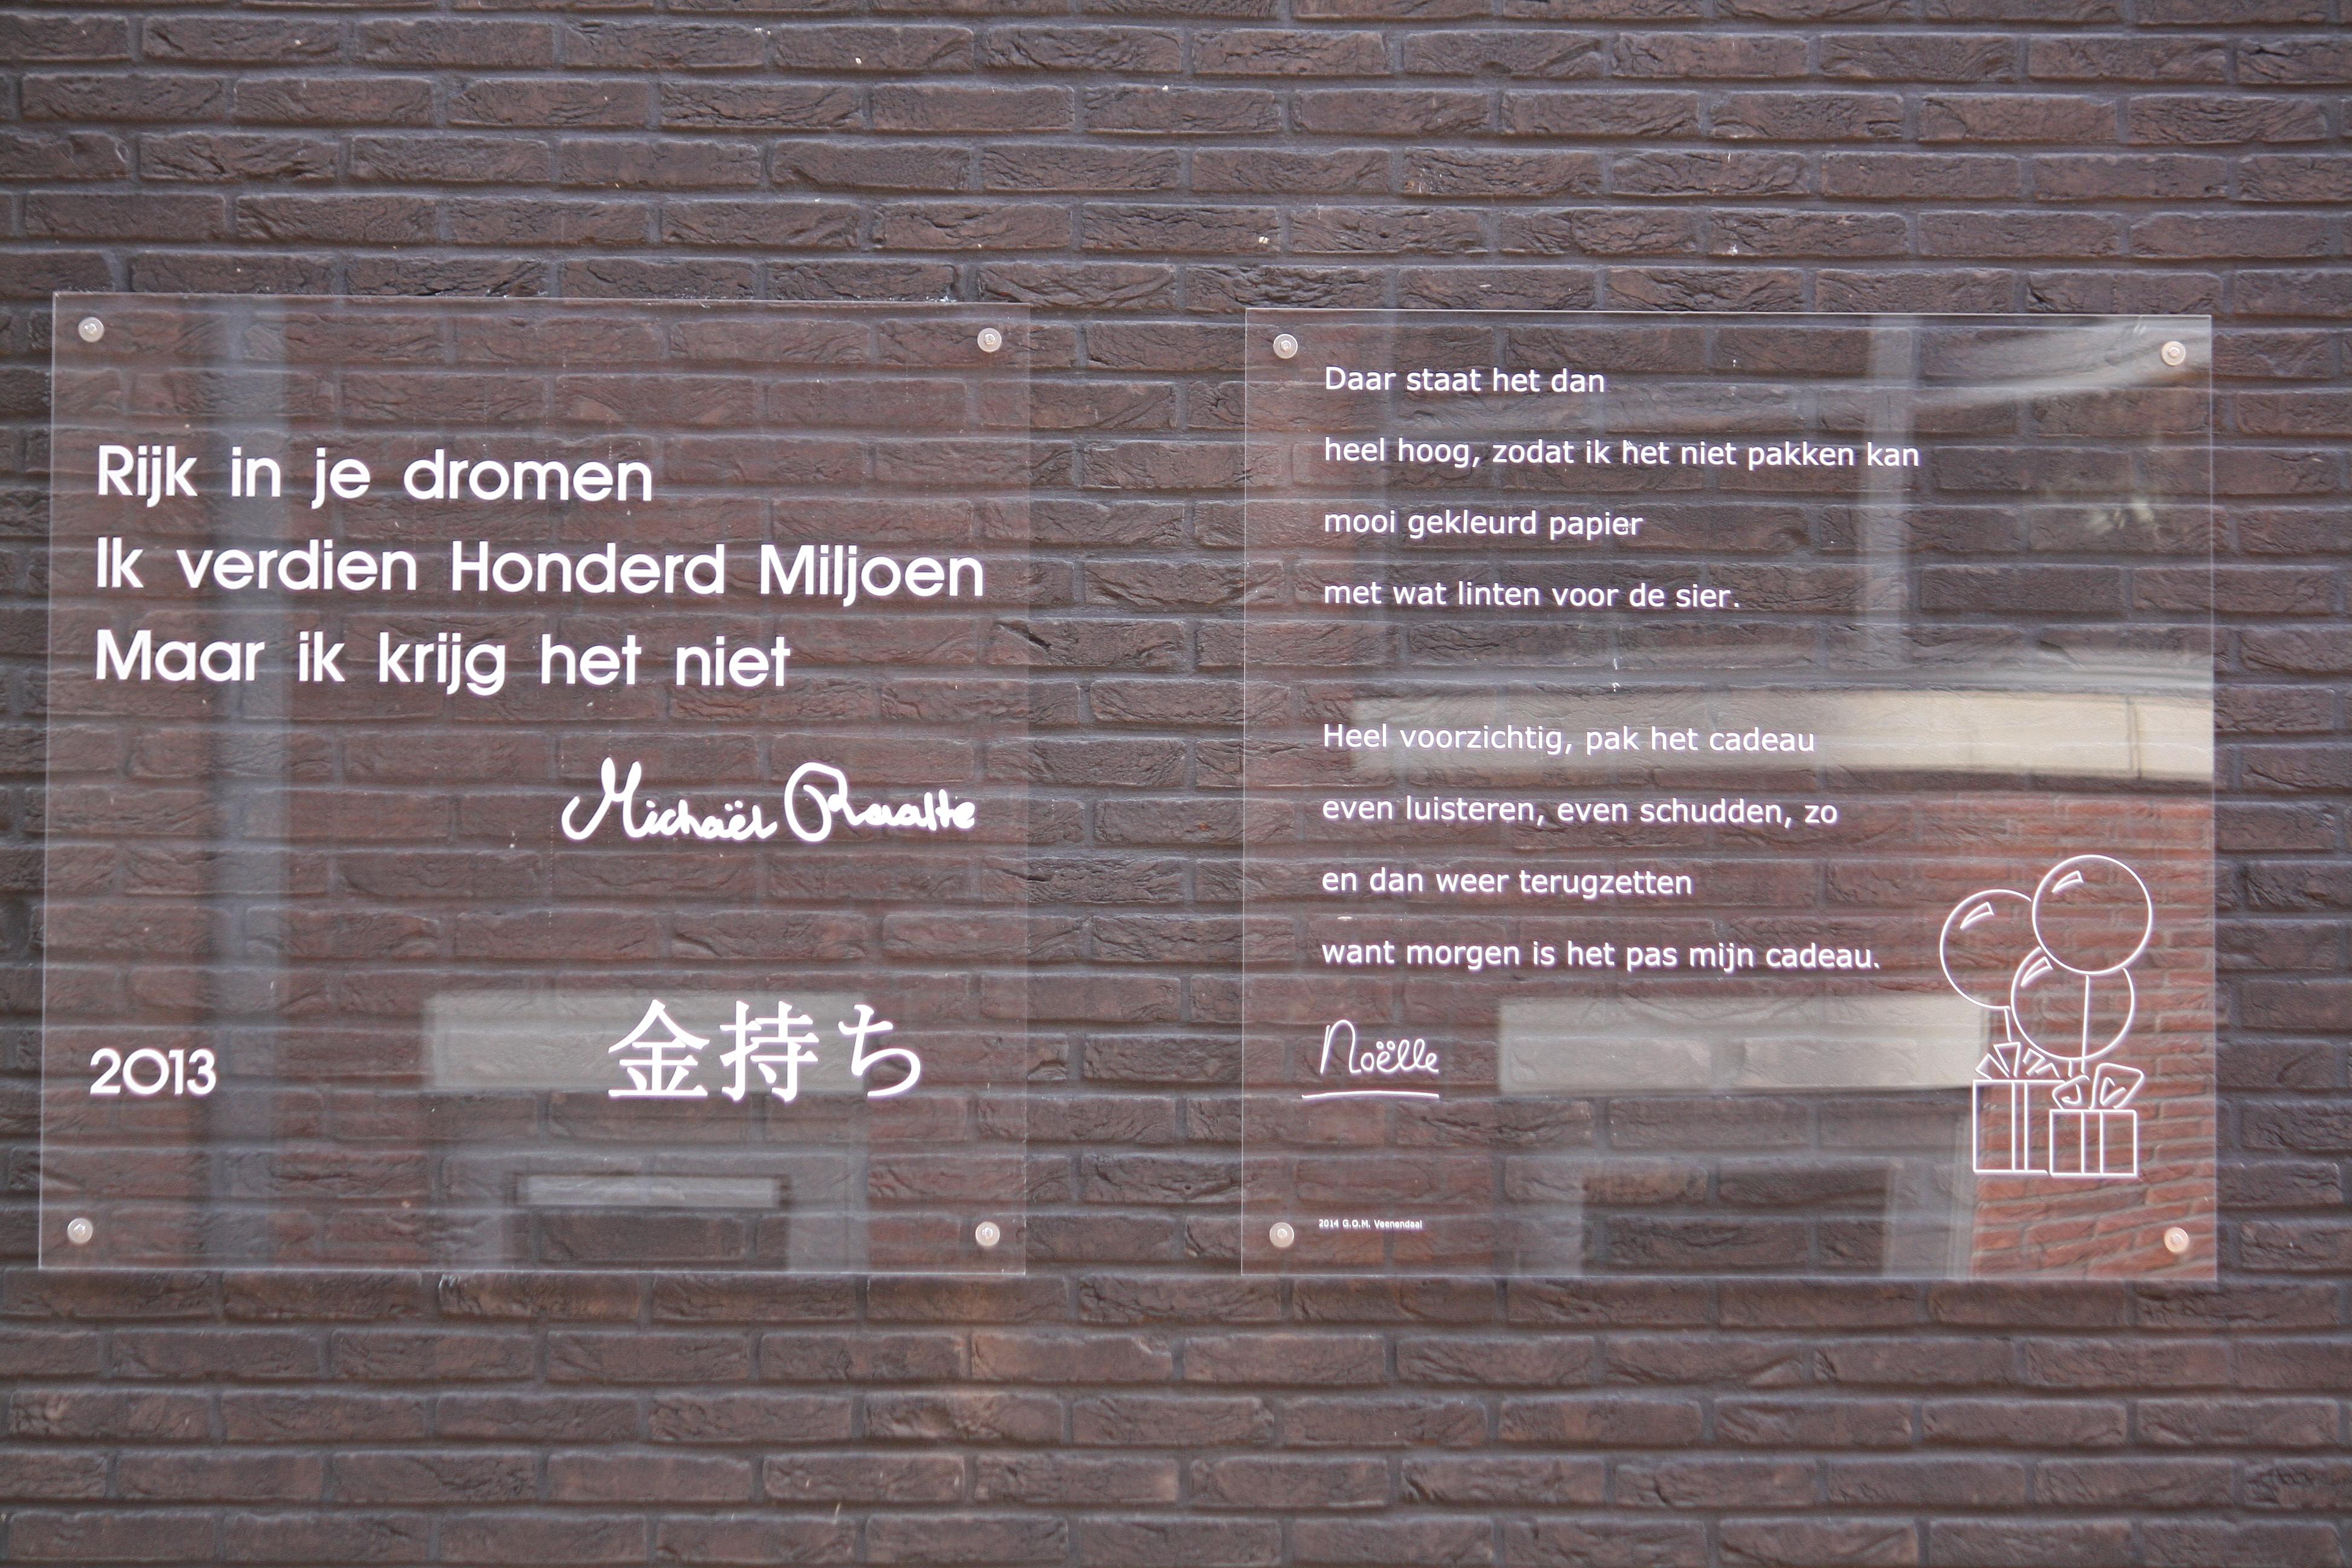 Gedichten Op Muren Kunstplatform Veenendaal